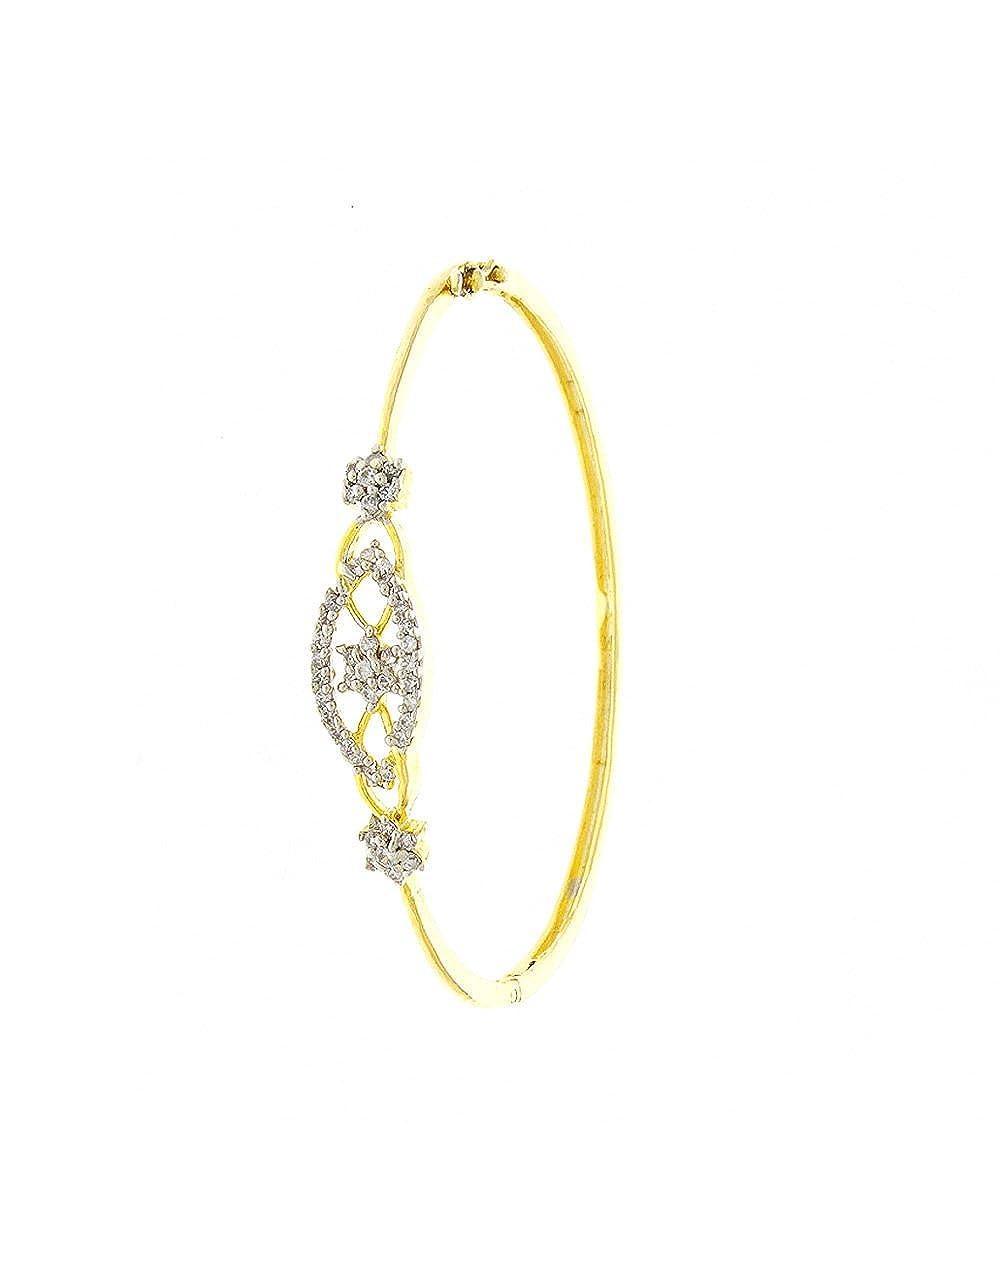 Anuradha Art Golden Finish Flower Styled Designer Shimmering American Diamonds Hand Bracelets//Kada for Women//Girls